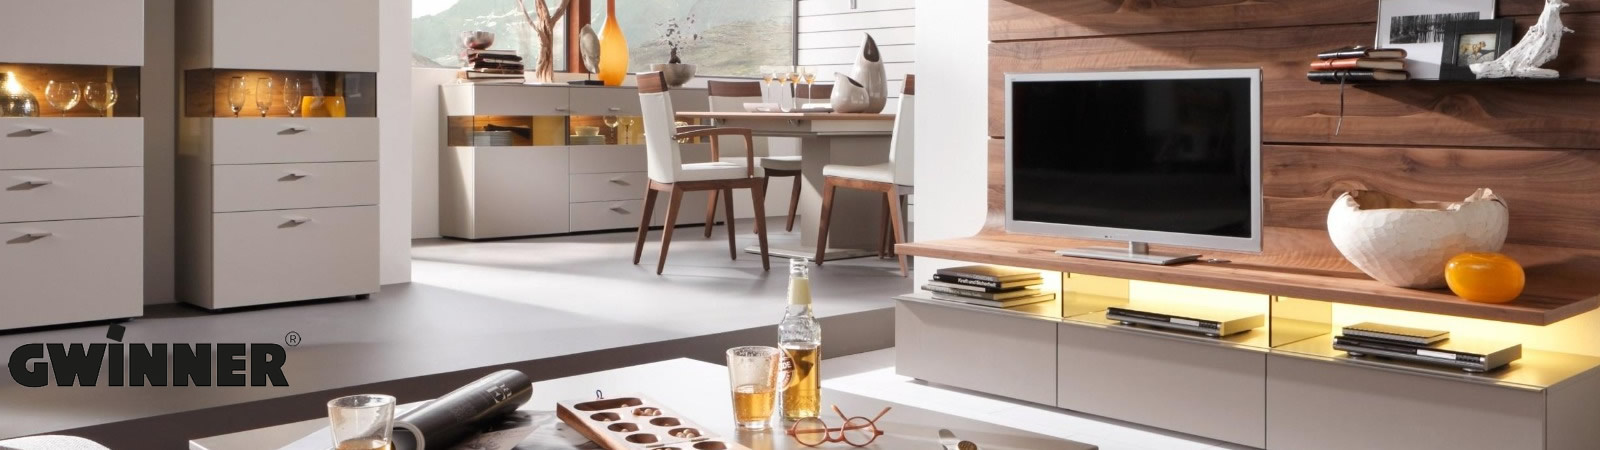 Gwinner Furniture Northern Ireland